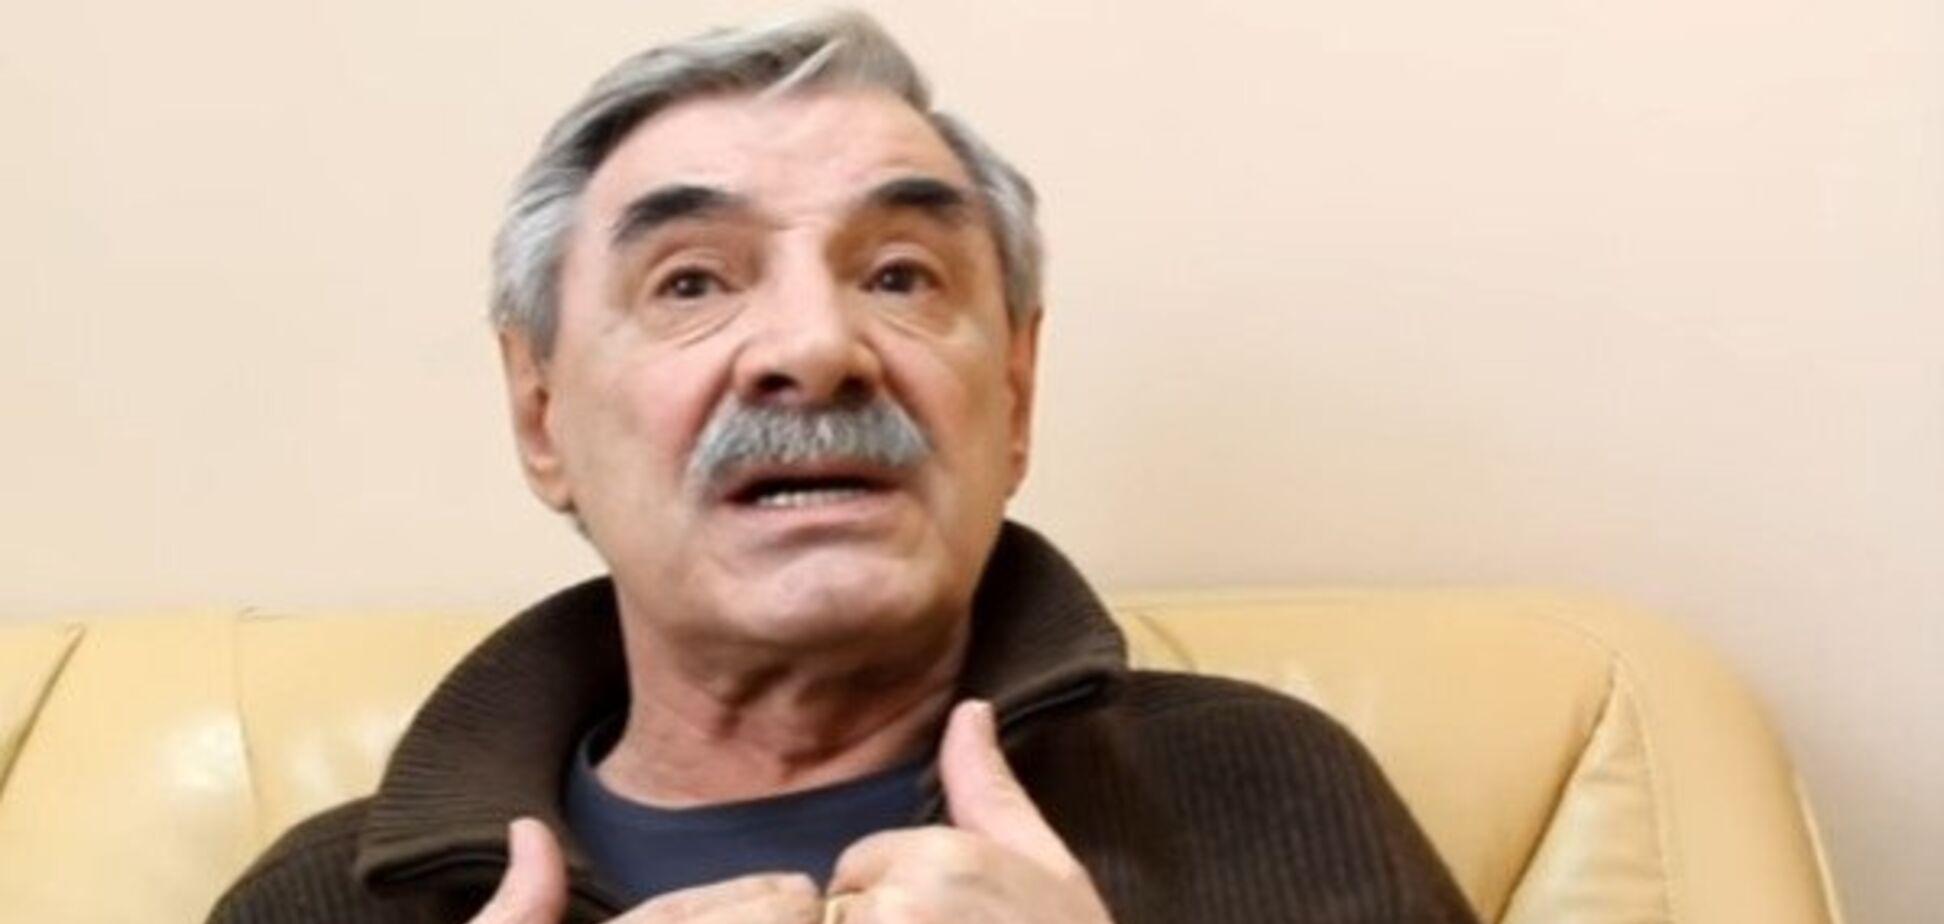 'Пе*ераст, мразь!' Появилось новое видео с Панкратовым-Черным после дебоша в самолете